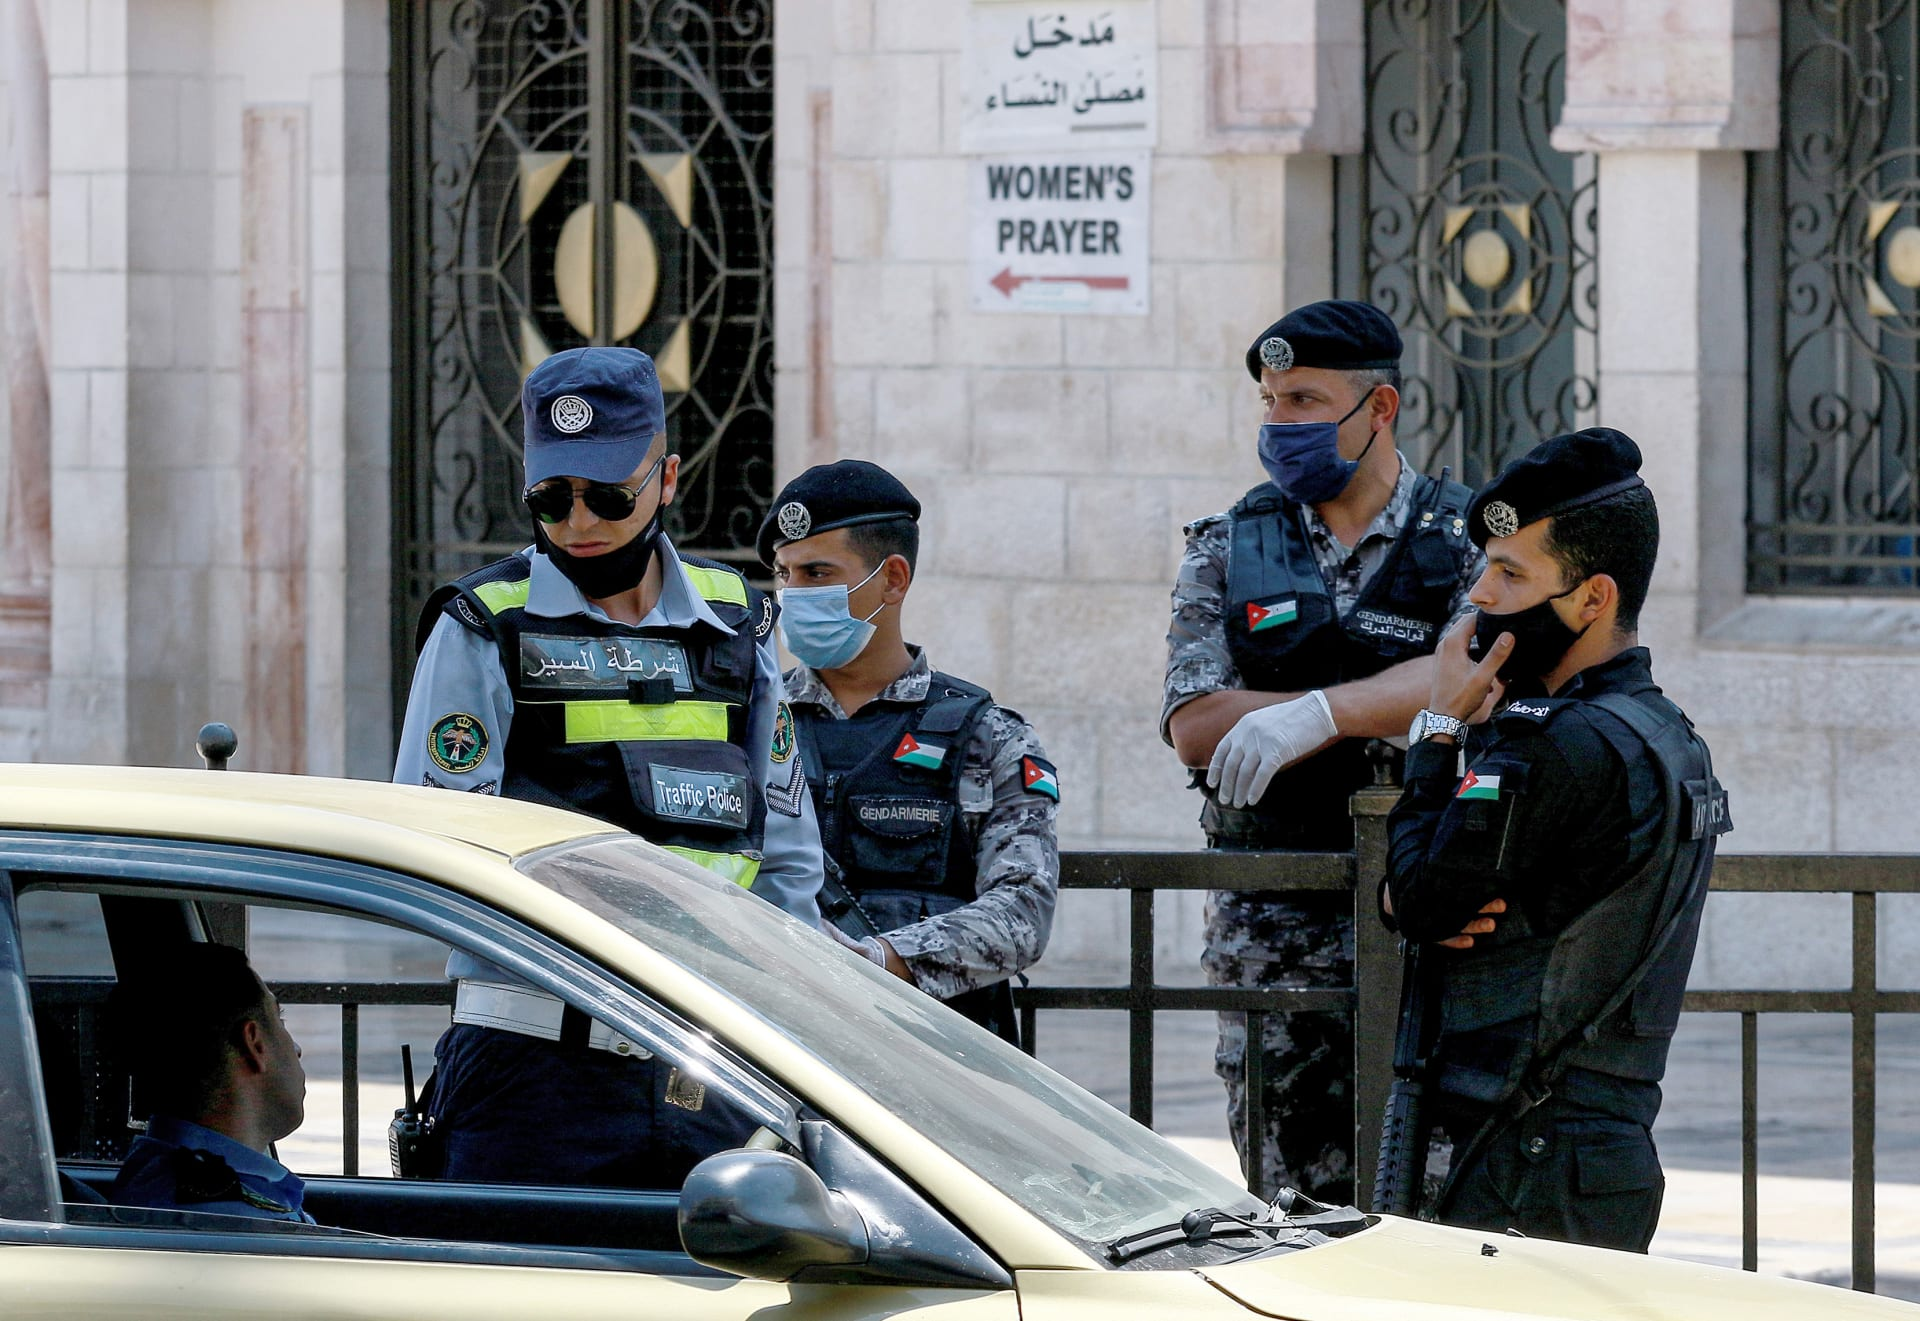 الأردن يرفع حظر الجمعة الشامل ويبقي على الجزئي خشية الموجة الثالثة